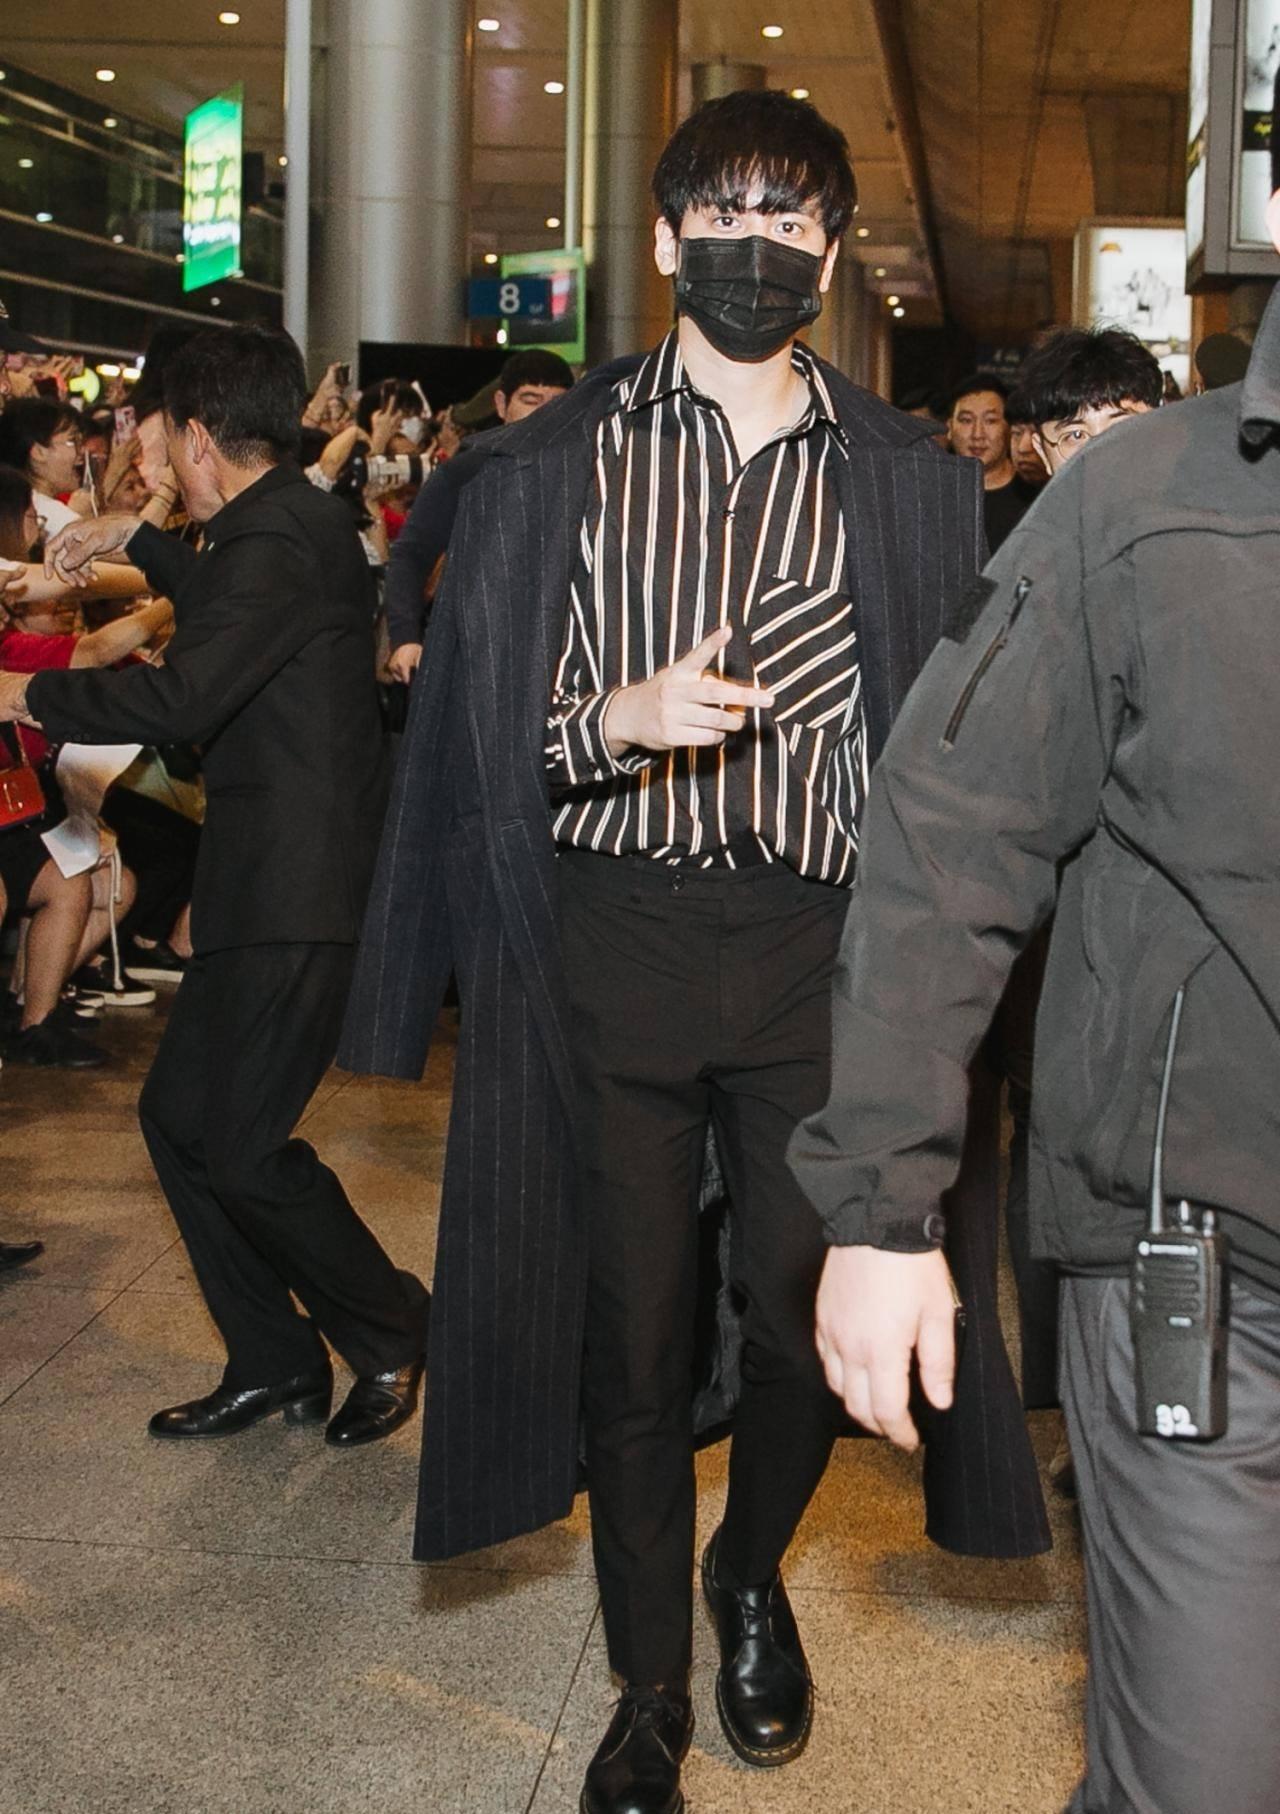 iKON xuất hiện chớp nhoáng tại sân bay Tân Sơn nhất, cực sang chảnh giữa biển người hâm mộ   - Ảnh 4